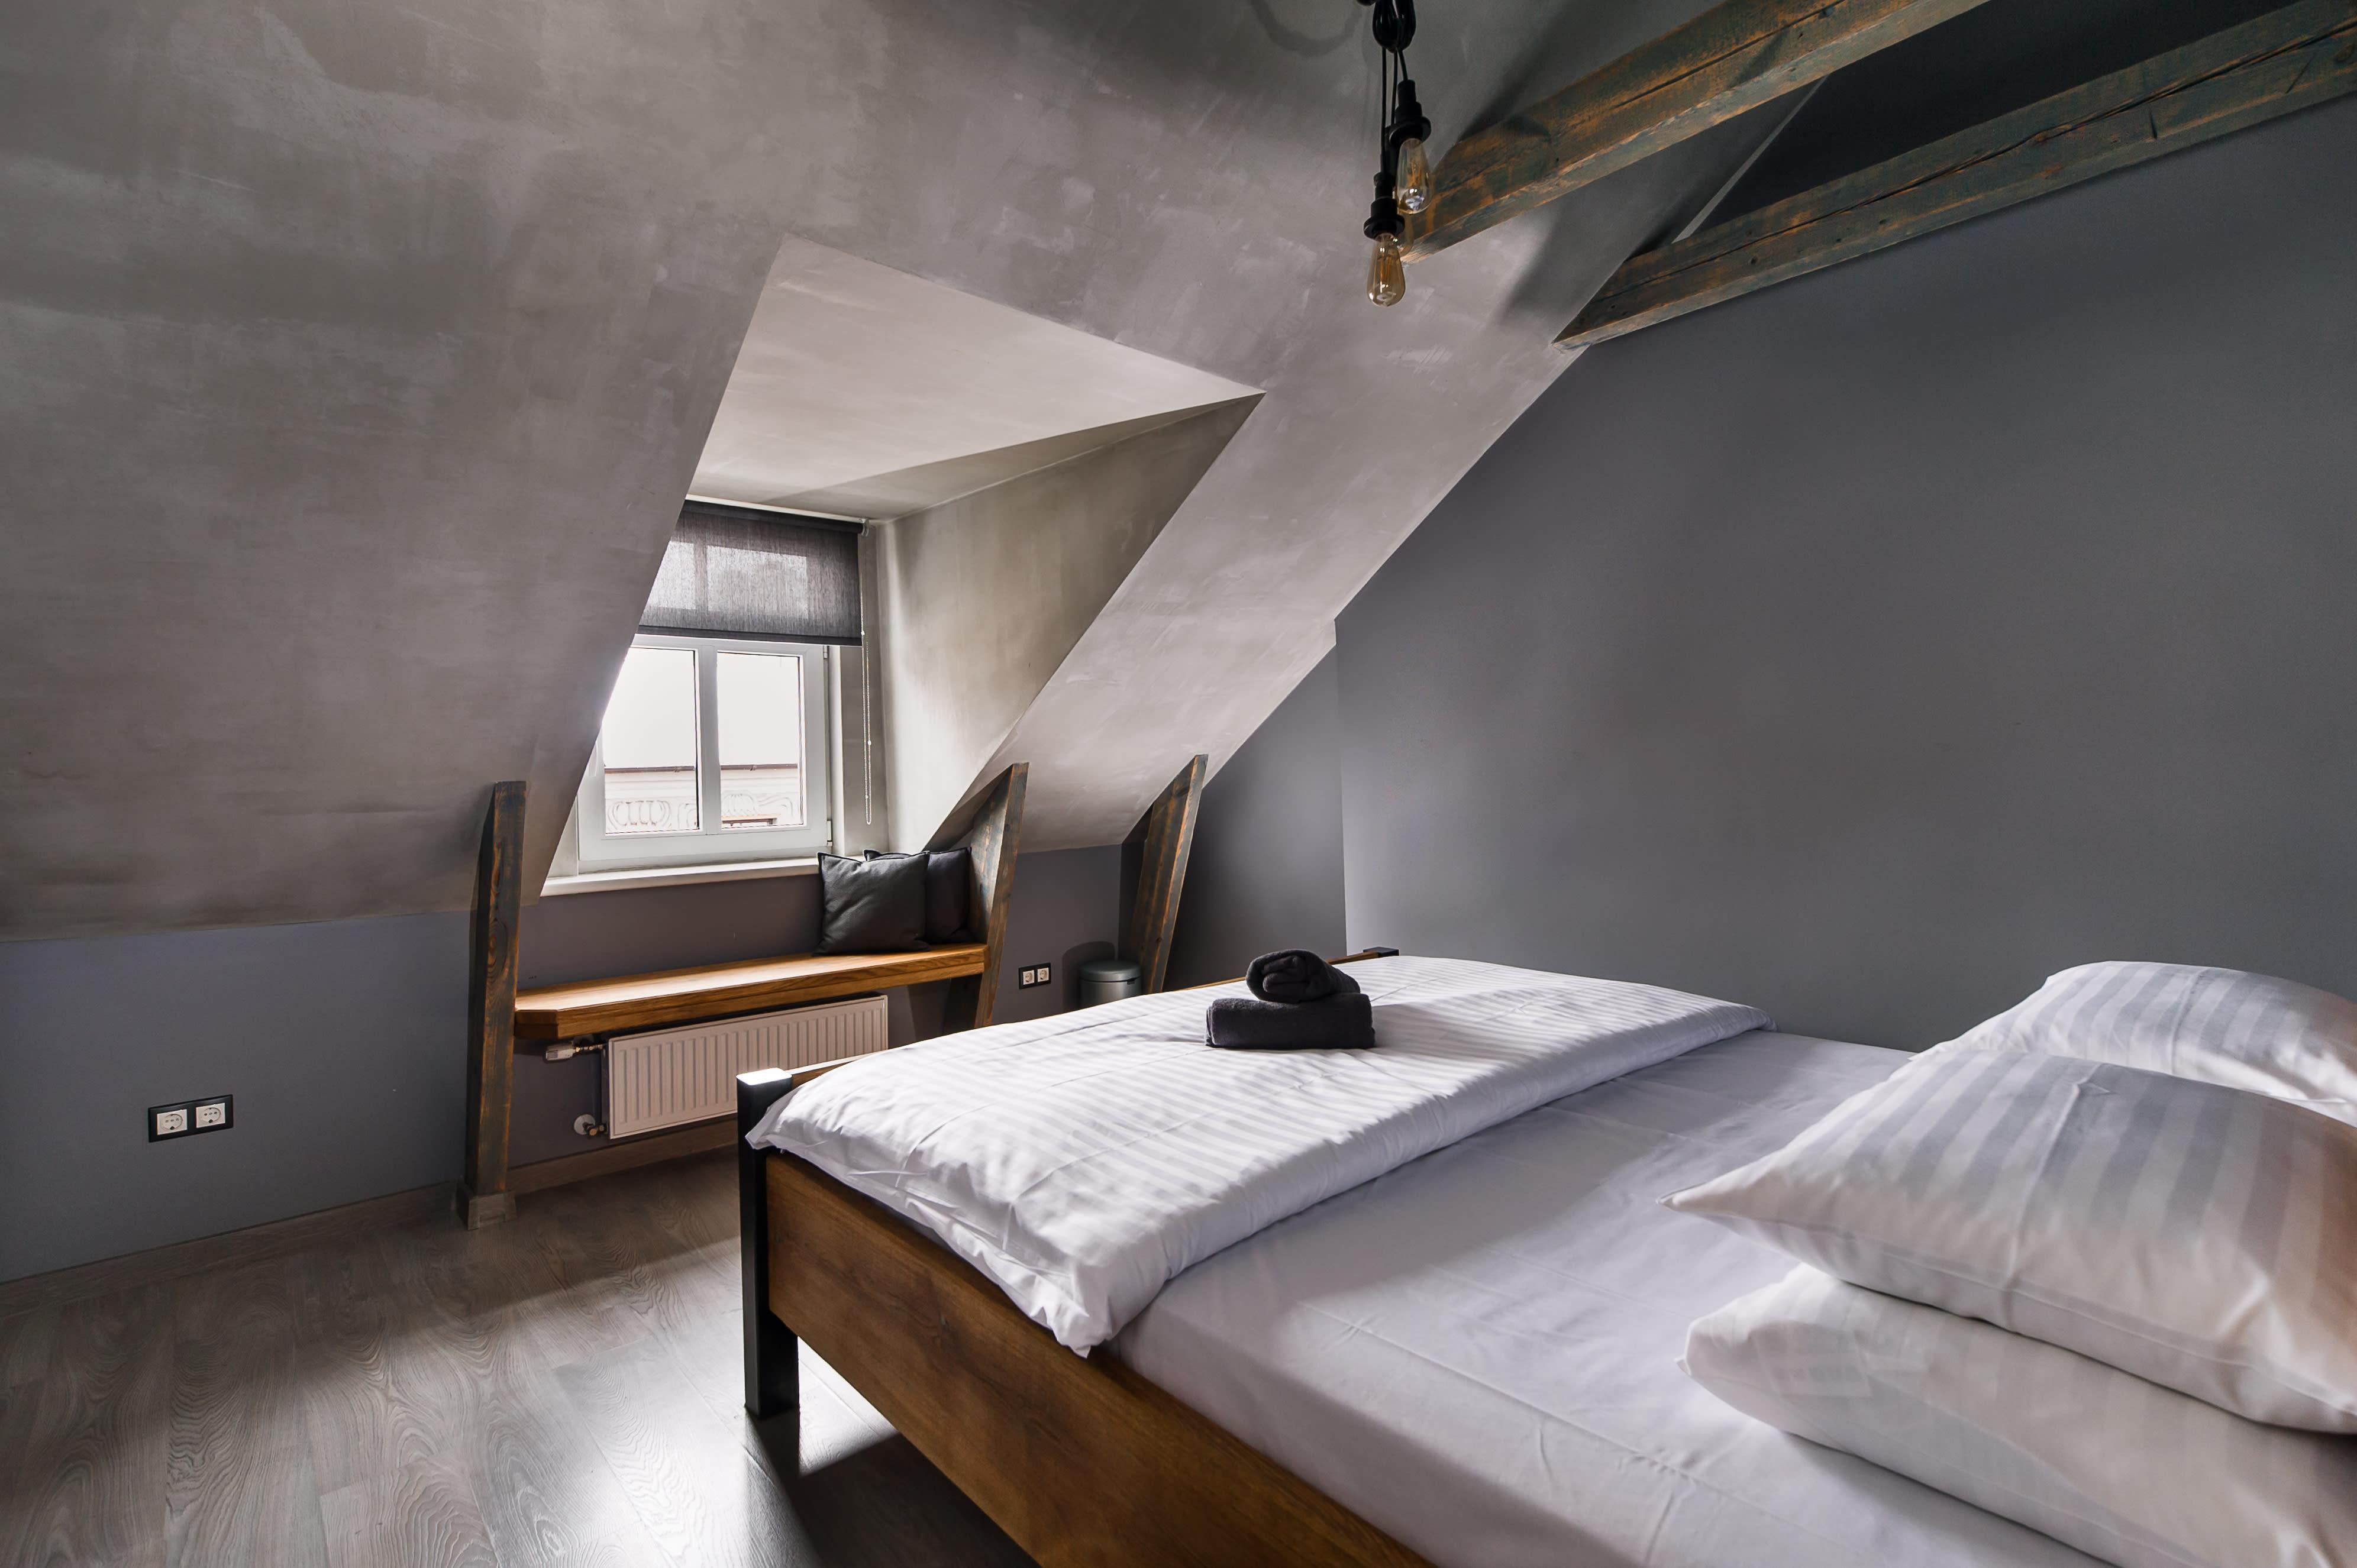 HOSTEL - Wicked Weasel Hostel